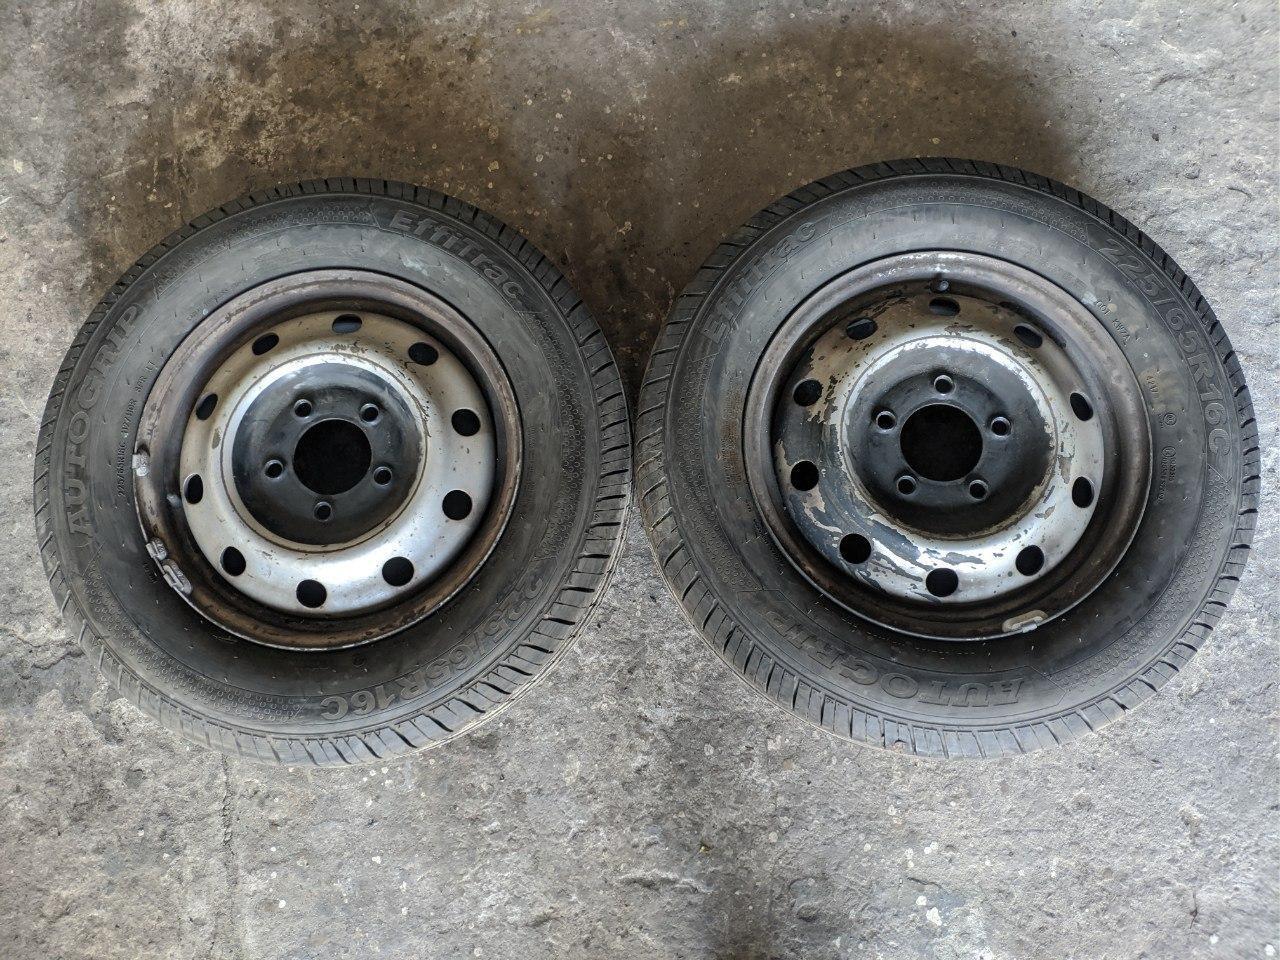 Резина с диском (комплект 2 шт.) 225/65/R16C Renault Master, Opel Movano 1998-2010, 7700314672 (Б/У)